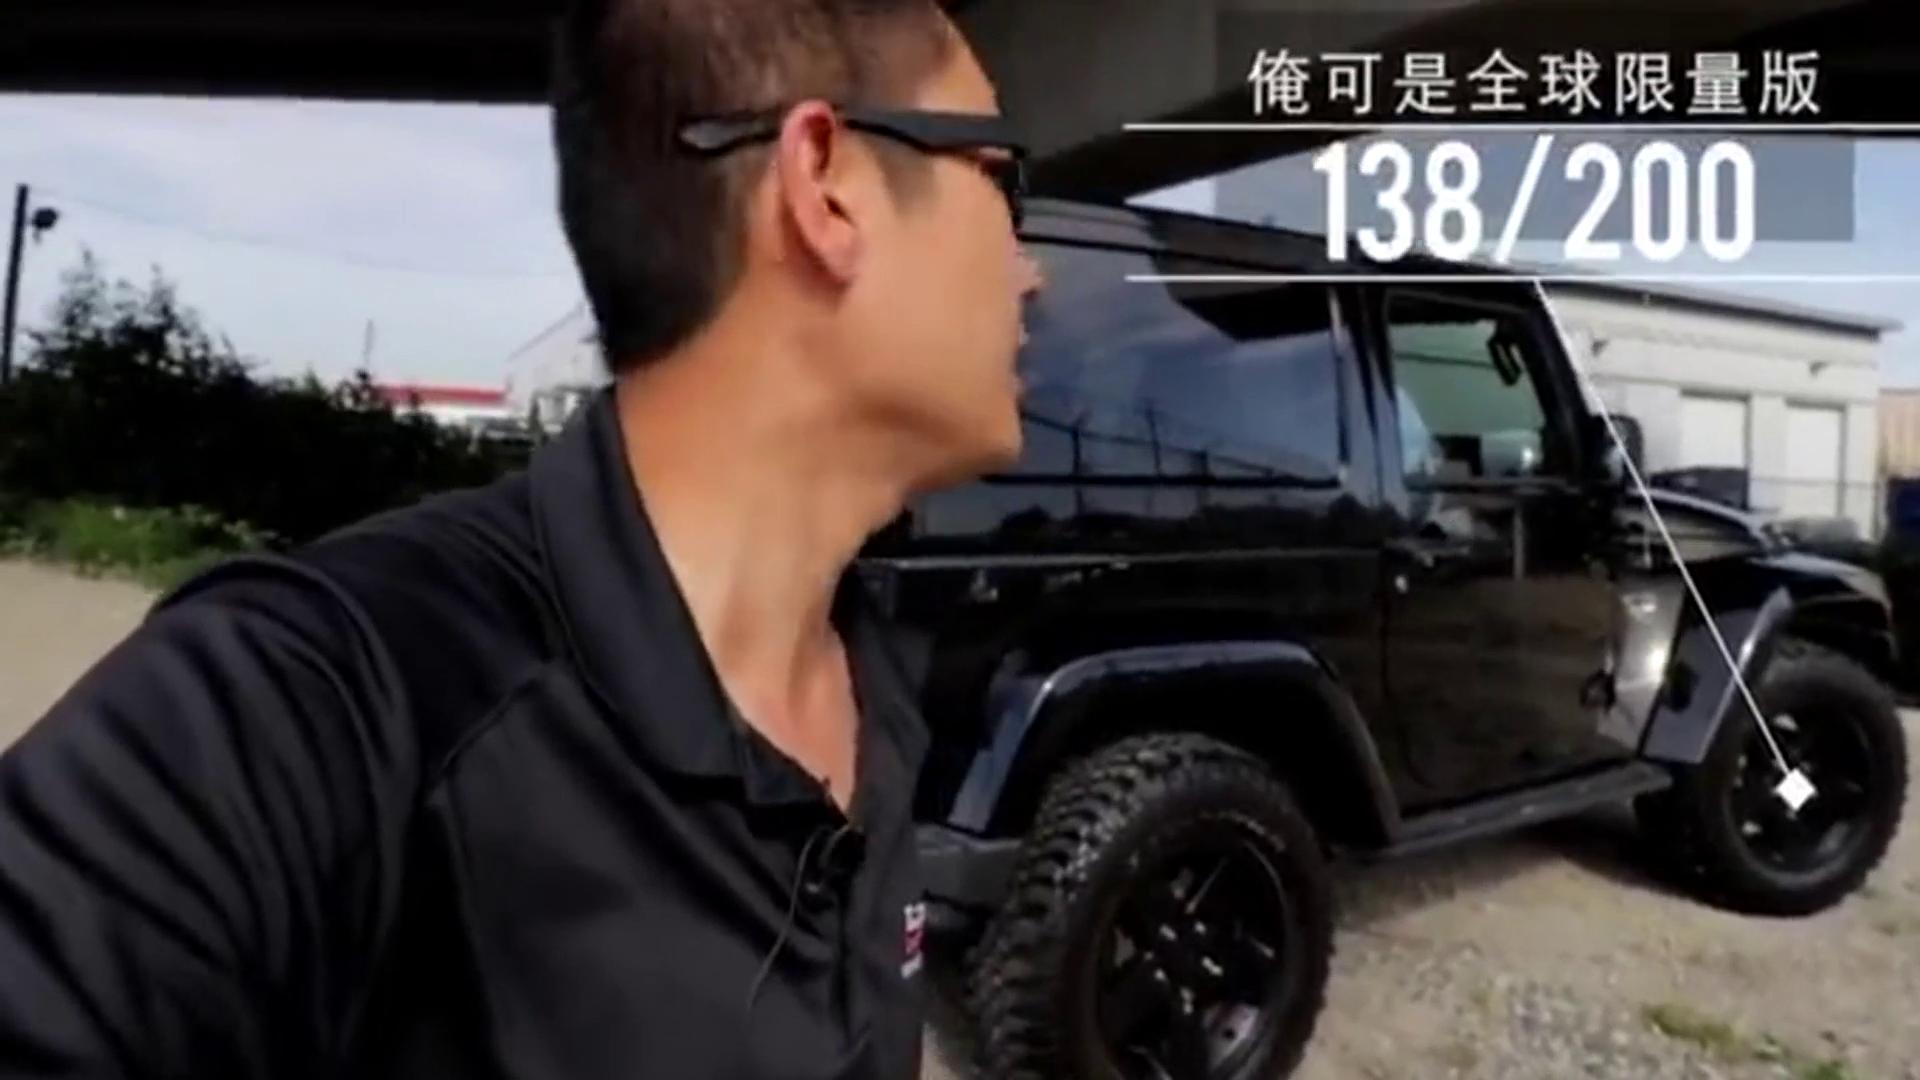 2017款jeep全新牧马人卢比肯全球限量版 详细评测